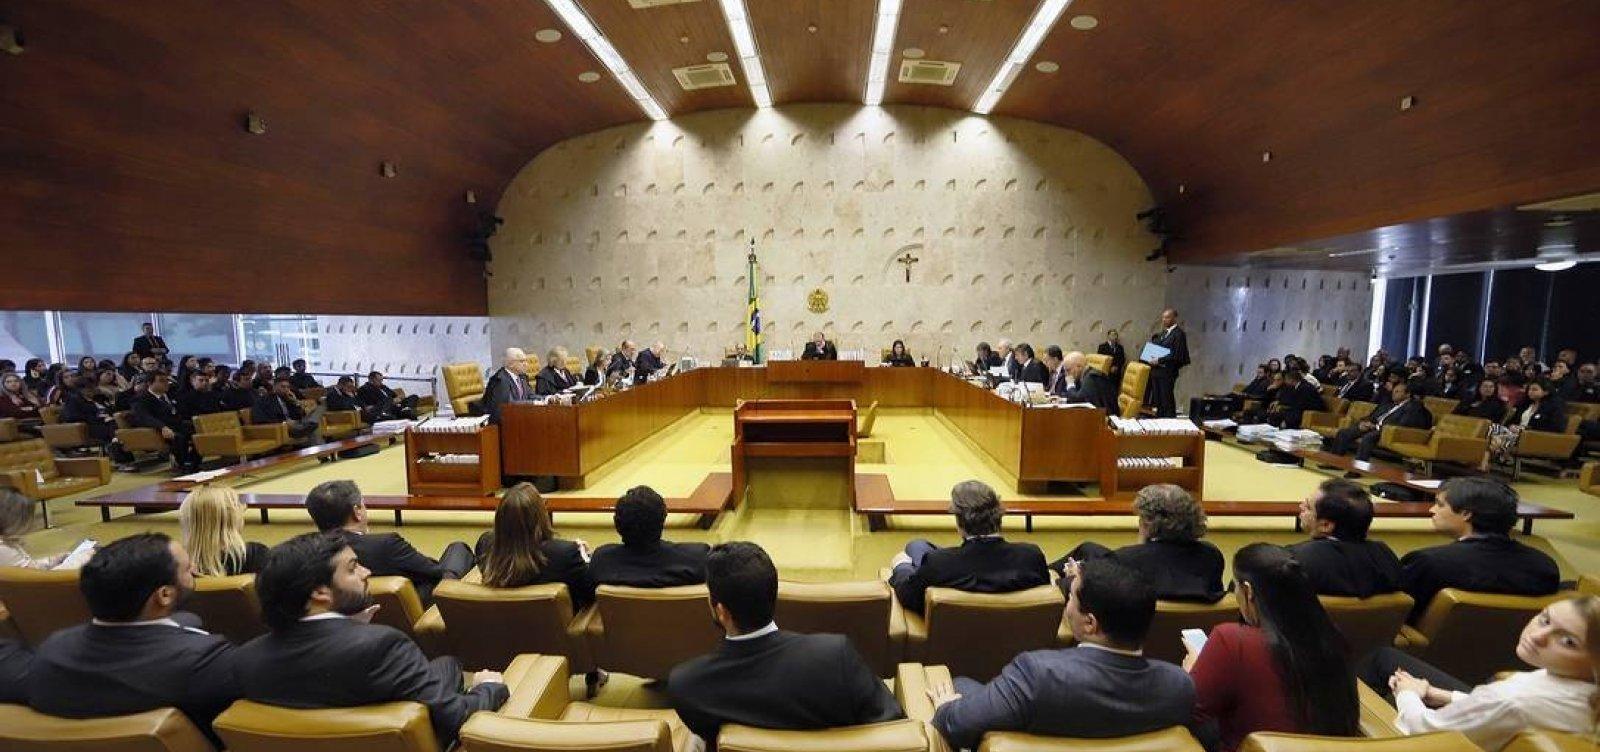 Ao vivo: STF retoma julgamento sobre limites de atuação de órgãos de controle financeiro